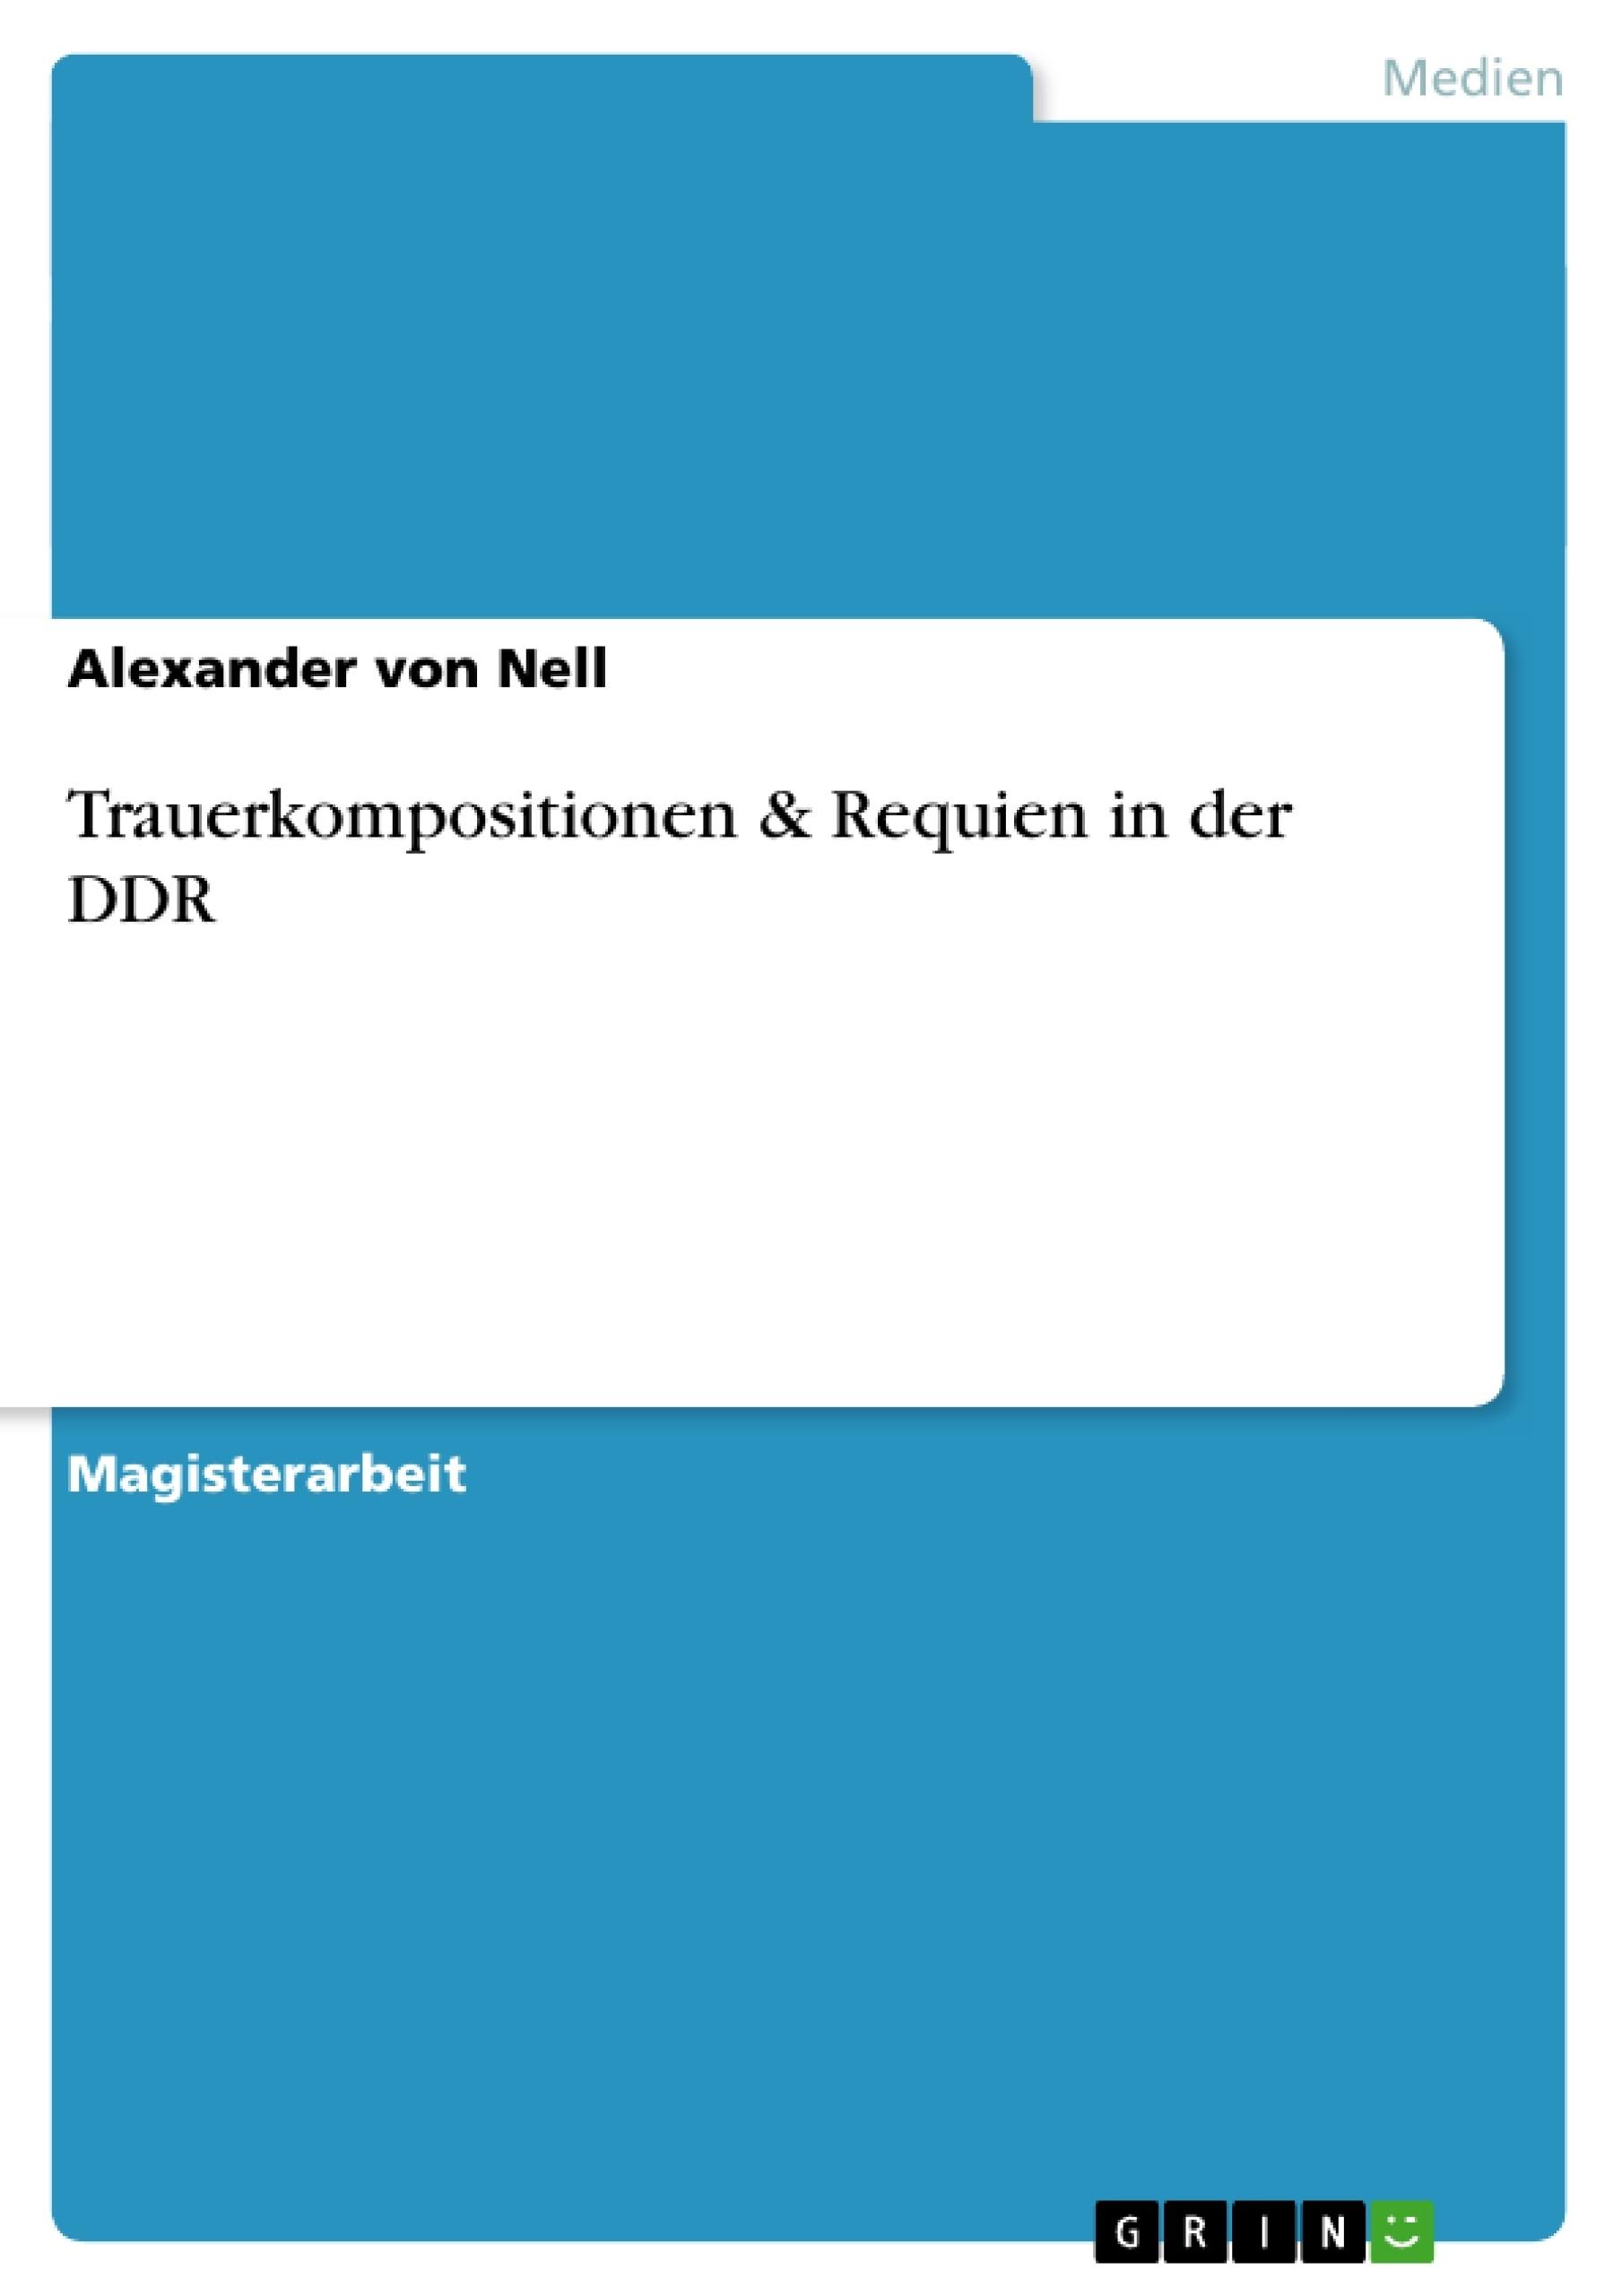 Titel: Trauerkompositionen & Requien in der DDR